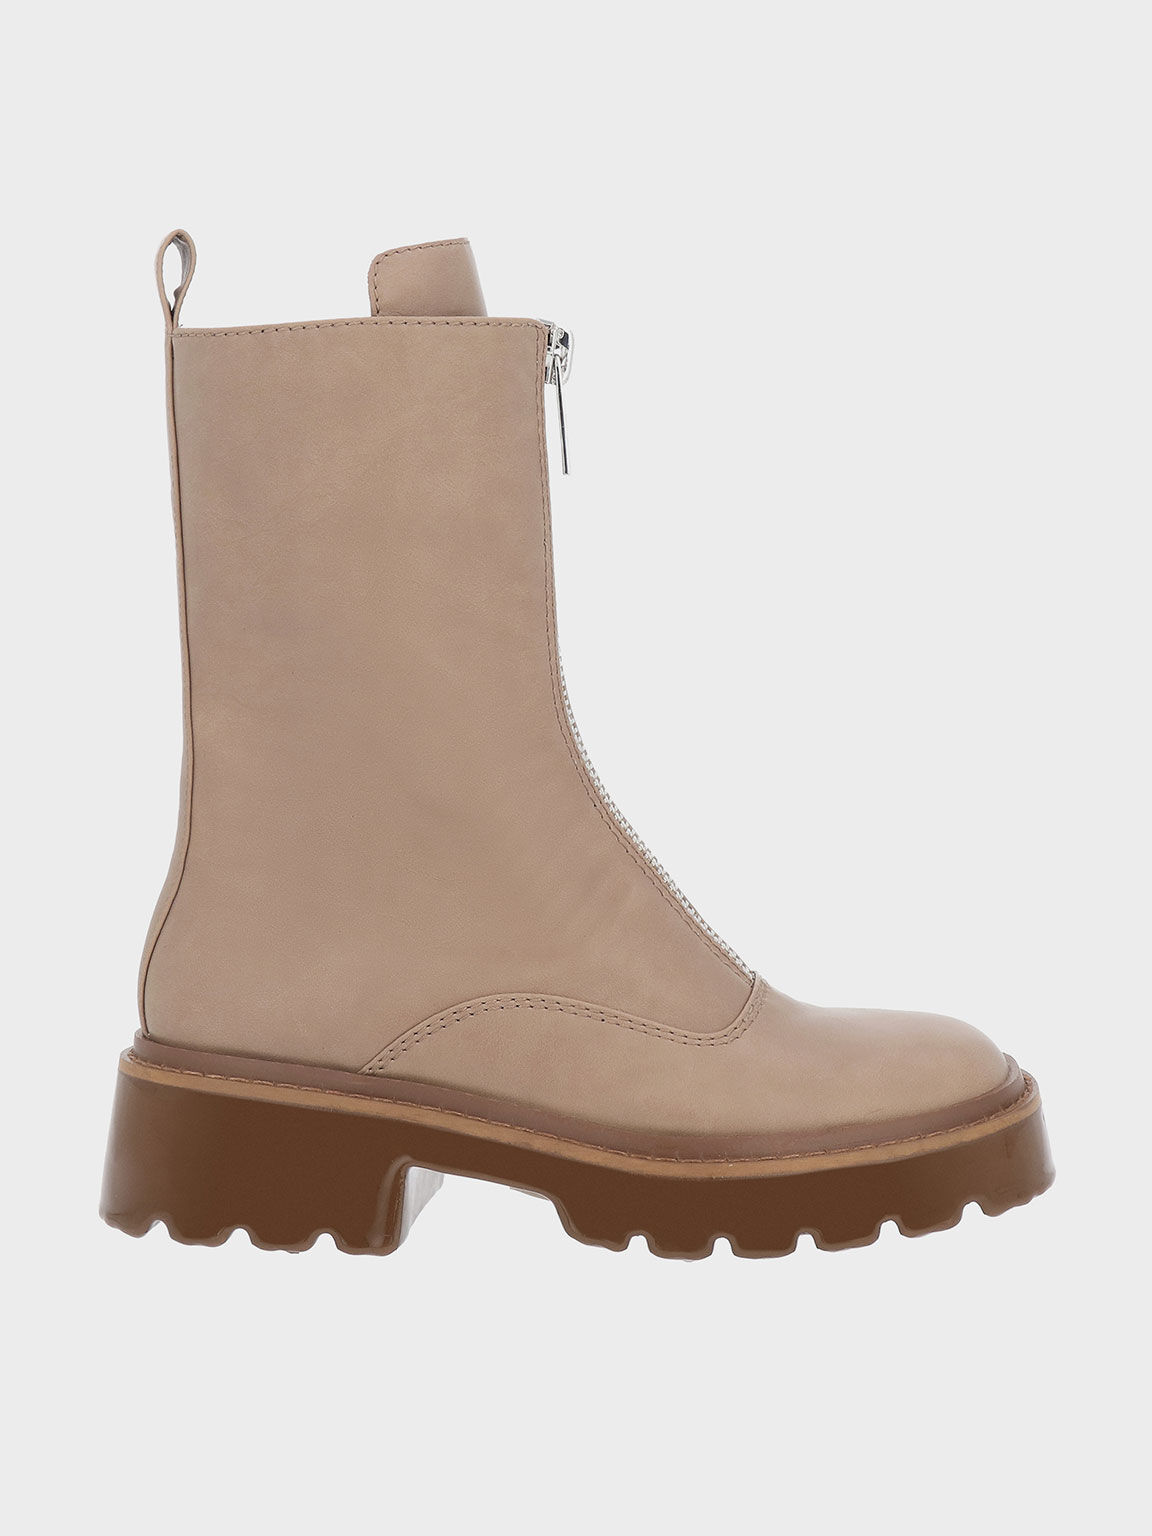 Billie 前拉鍊中筒靴, 灰褐色, hi-res